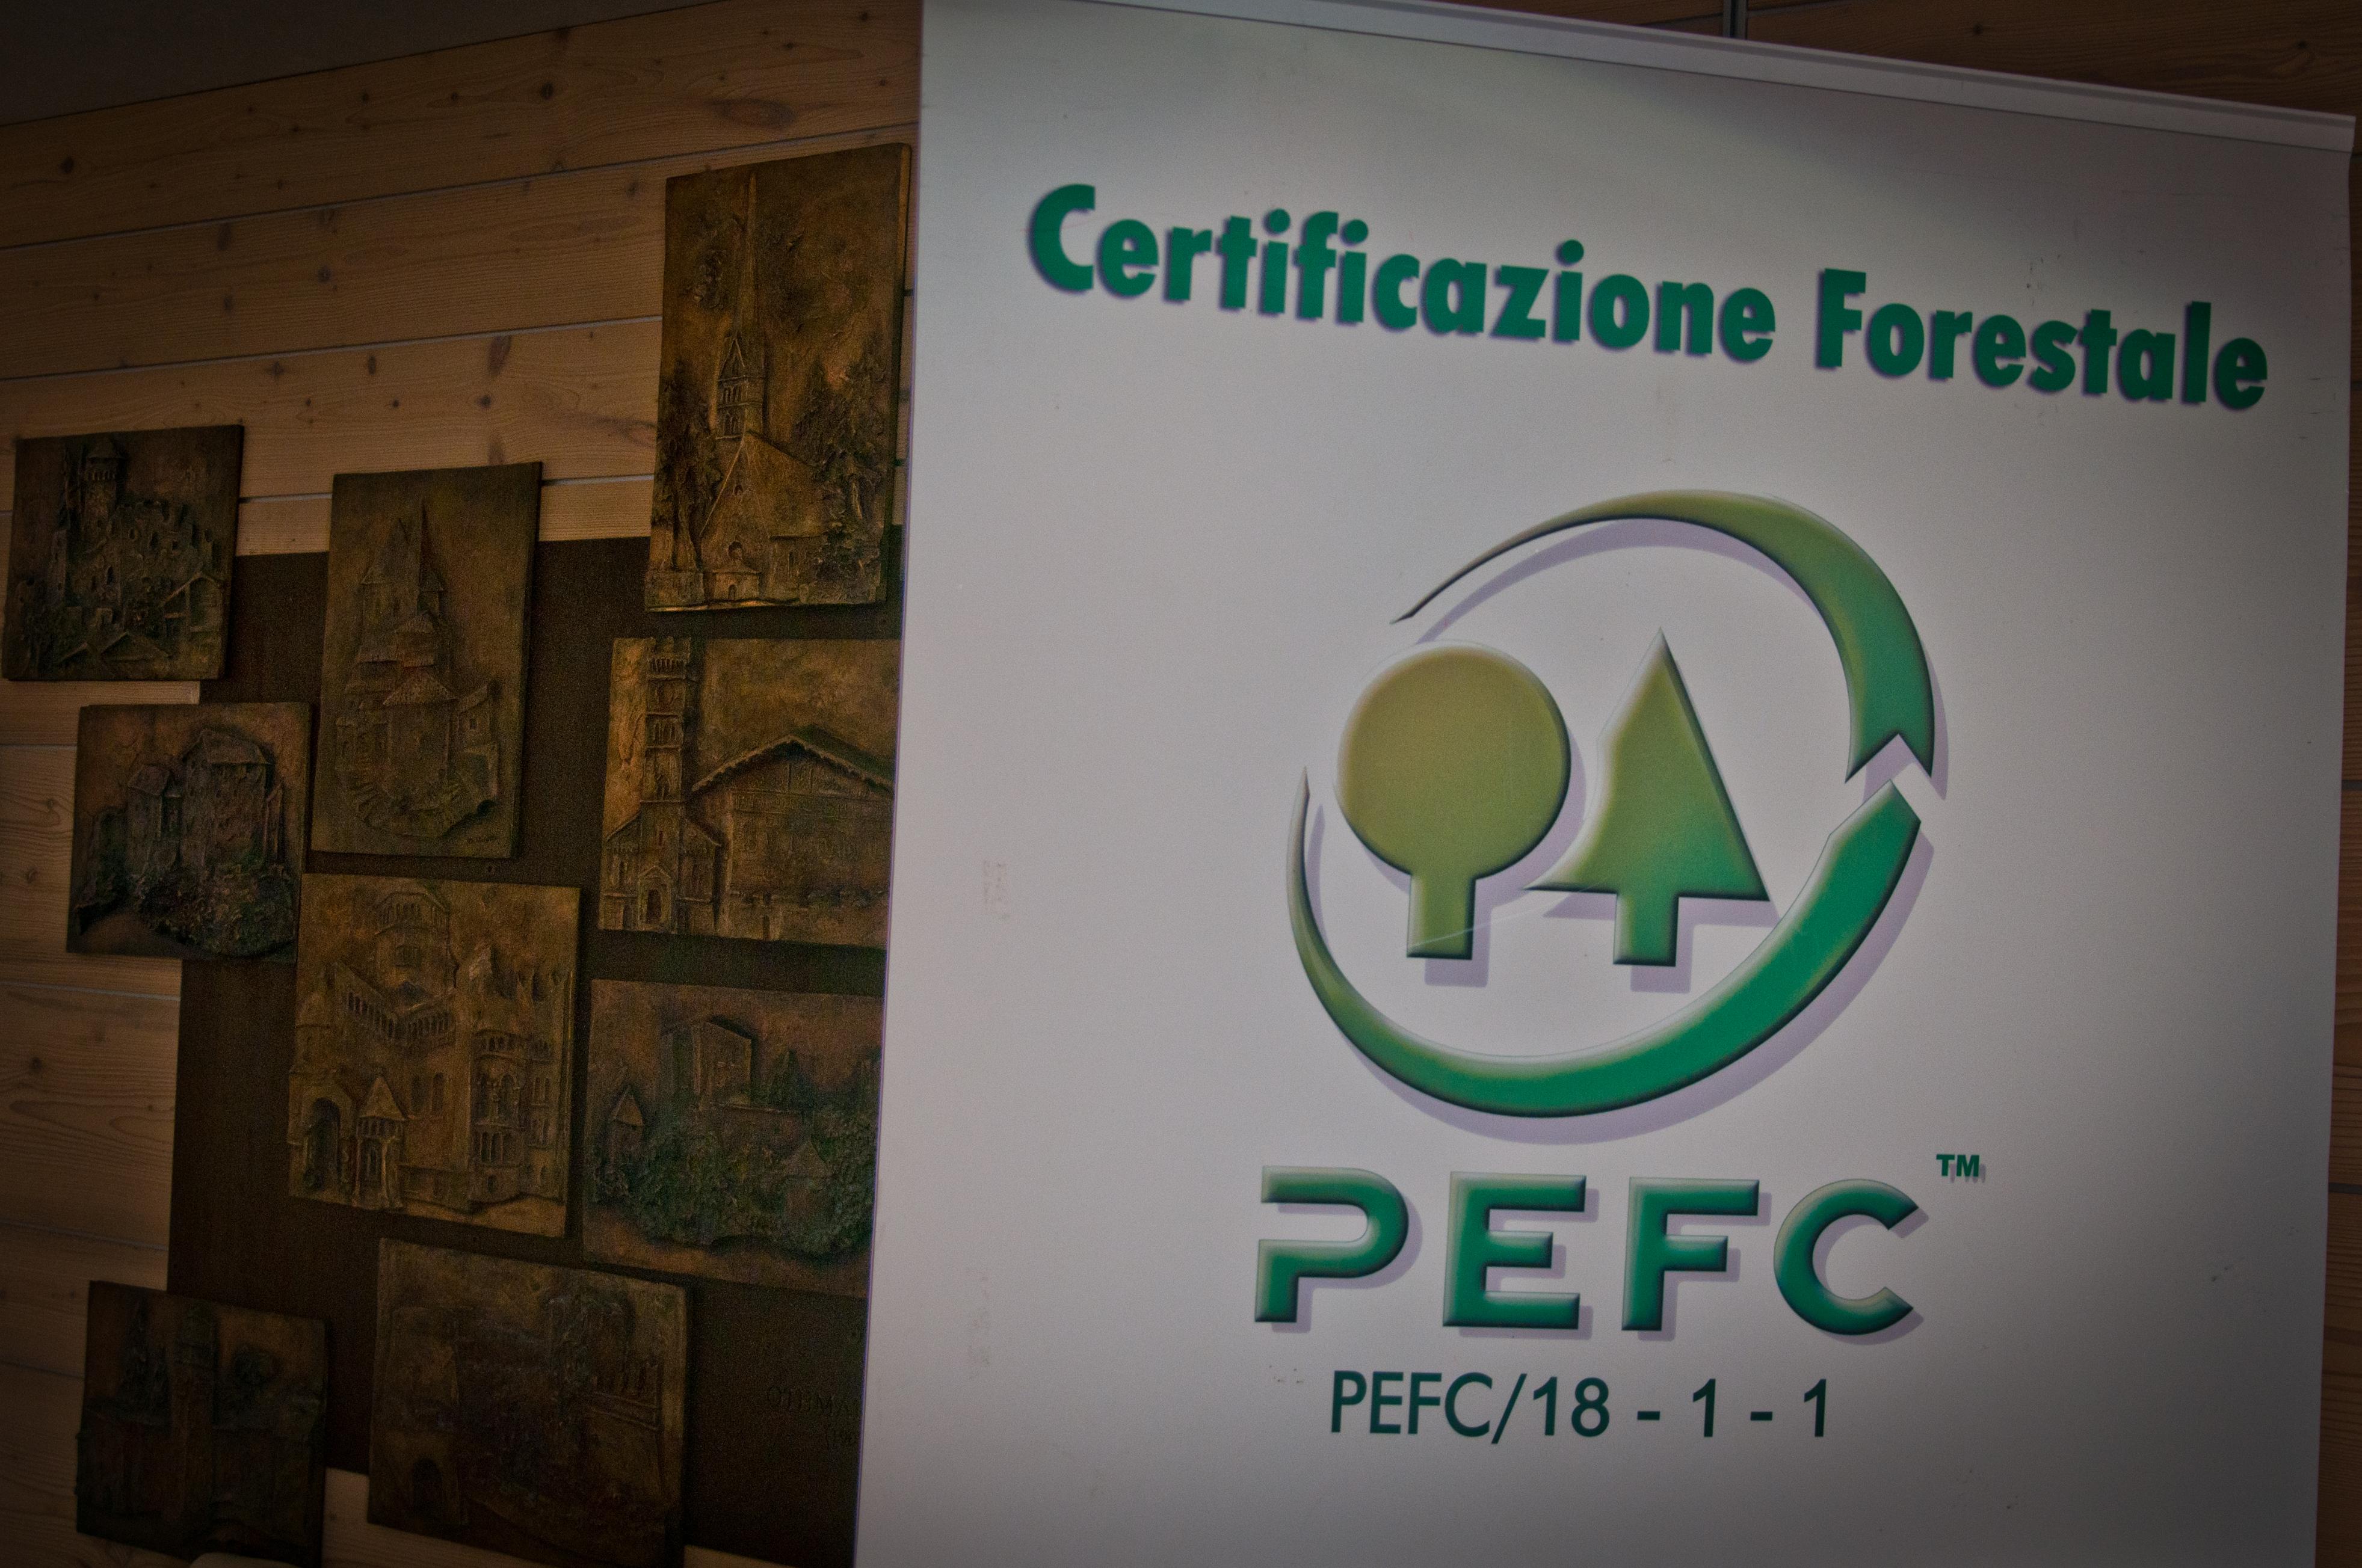 Ultimi giorni per partecipare alla consultazione pubblica degli Standard del PEFC